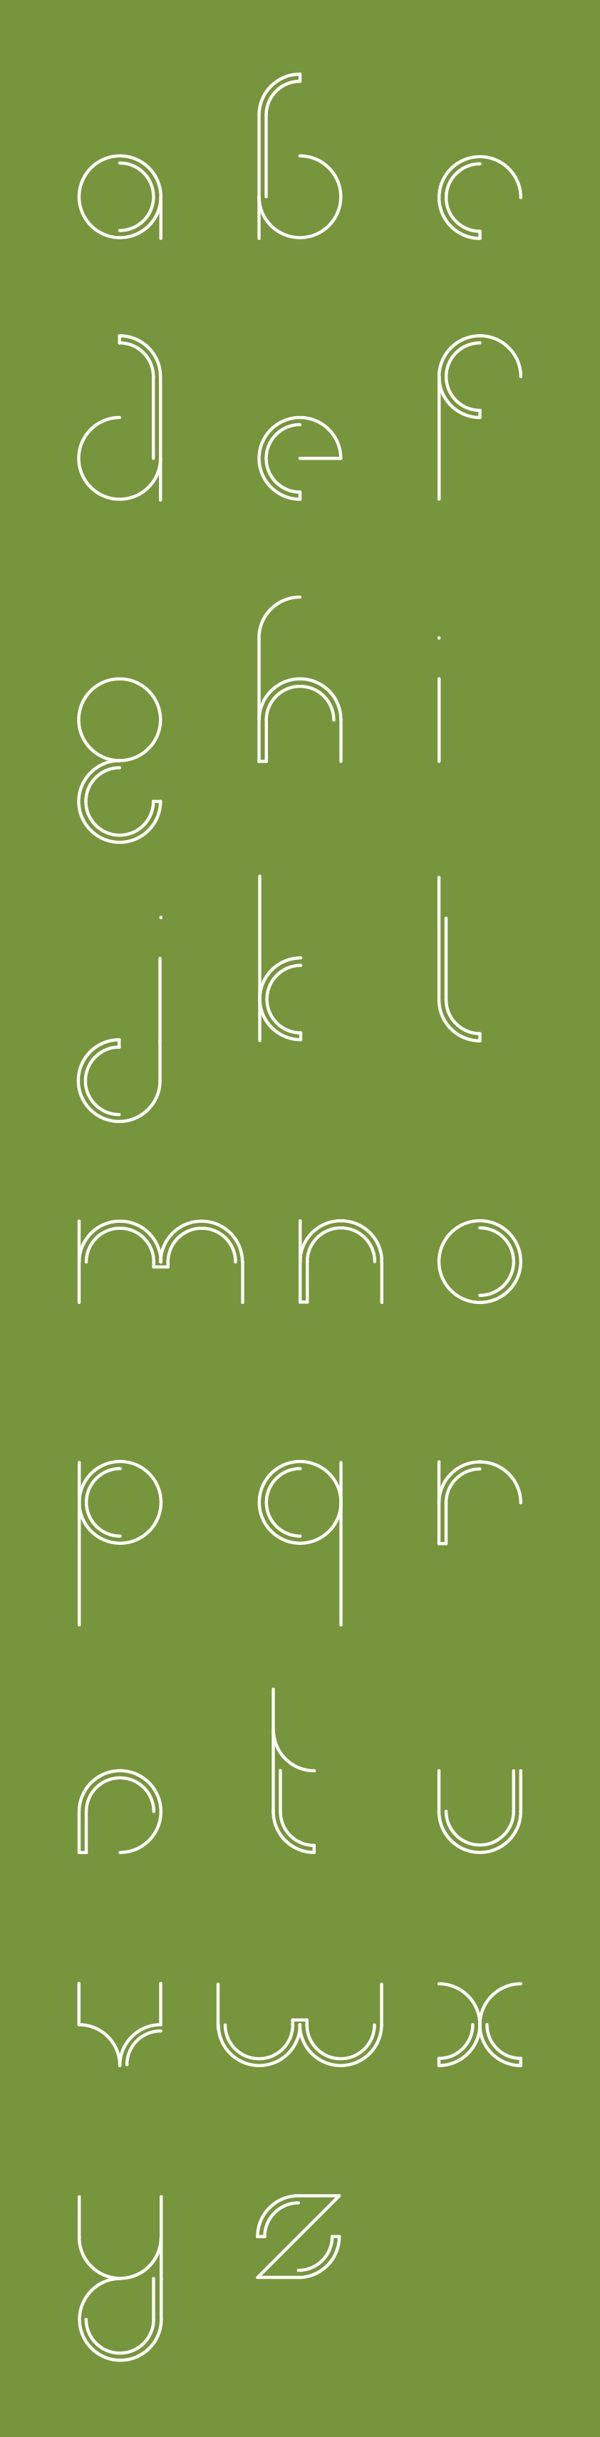 25+ unique Hand lettering fonts ideas on Pinterest ...